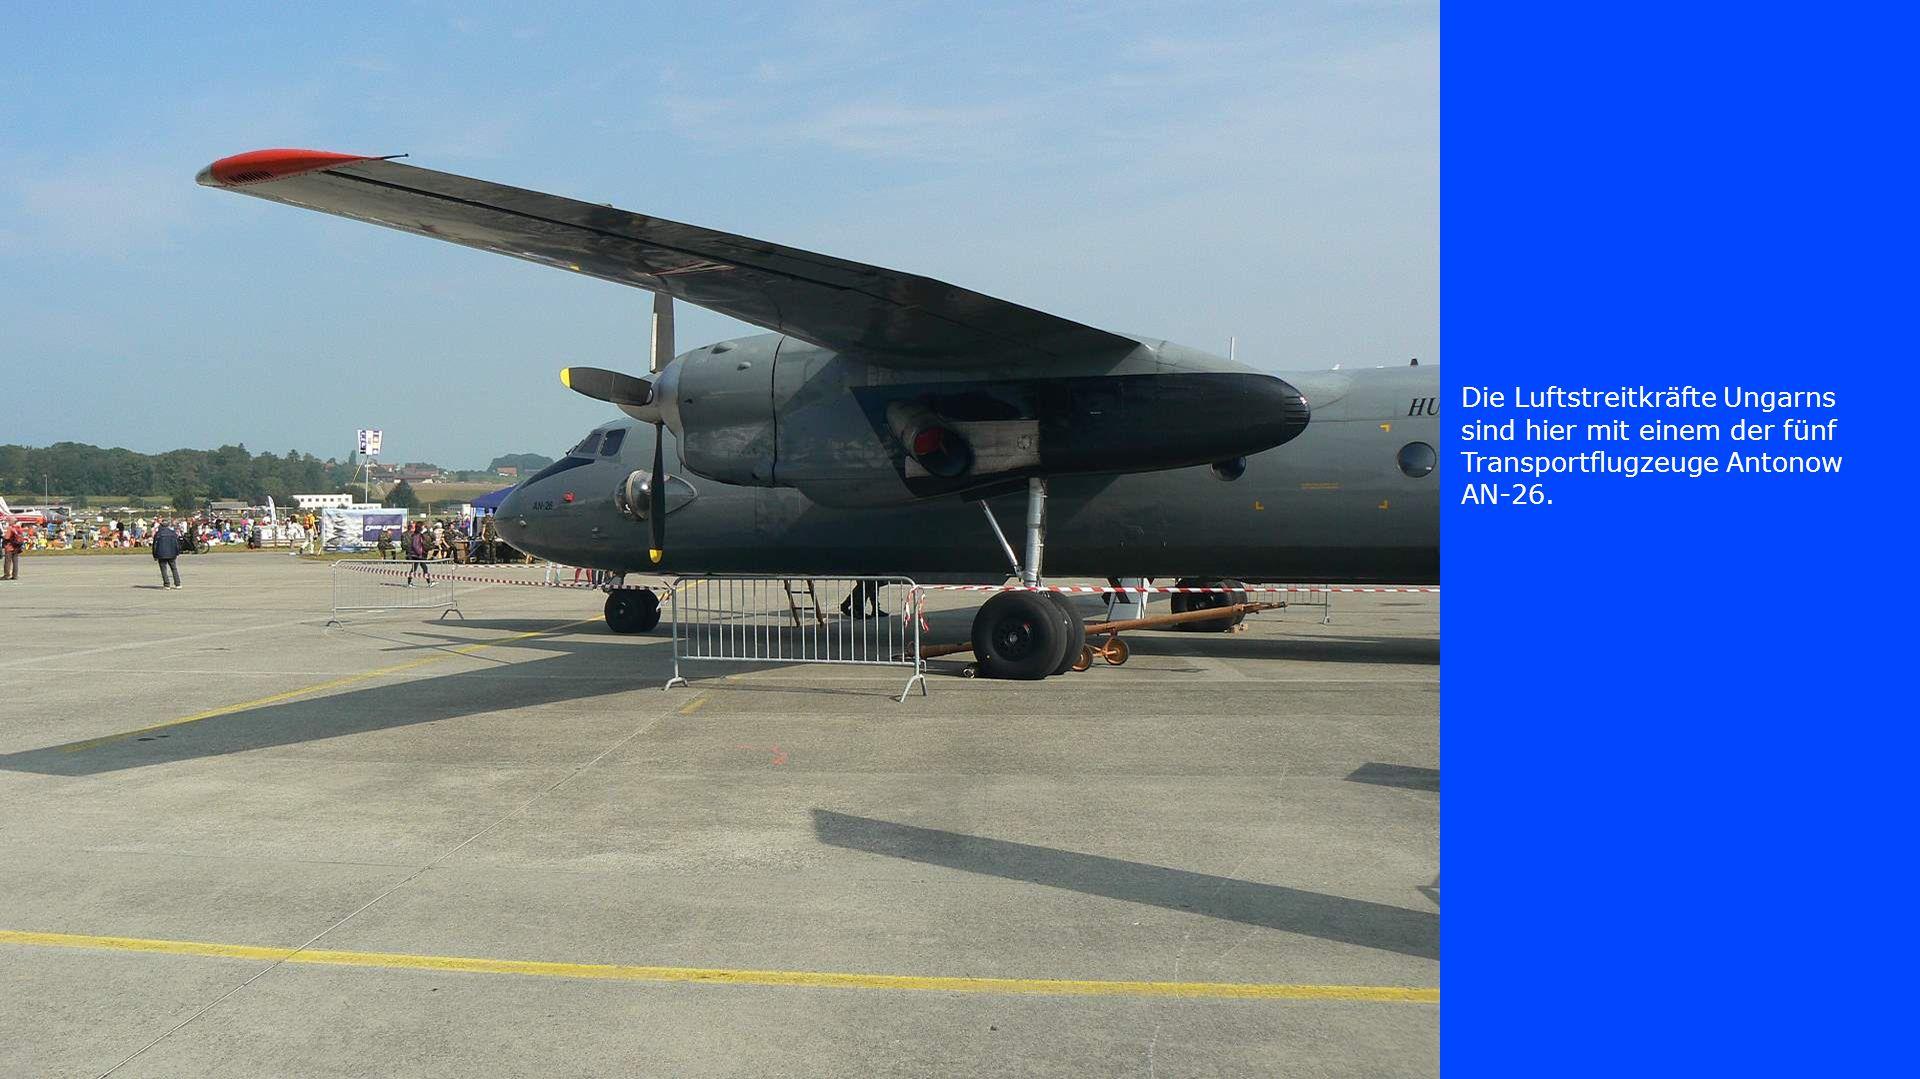 Die Luftstreitkräfte Ungarns sind hier mit einem der fünf Transportflugzeuge Antonow AN-26.